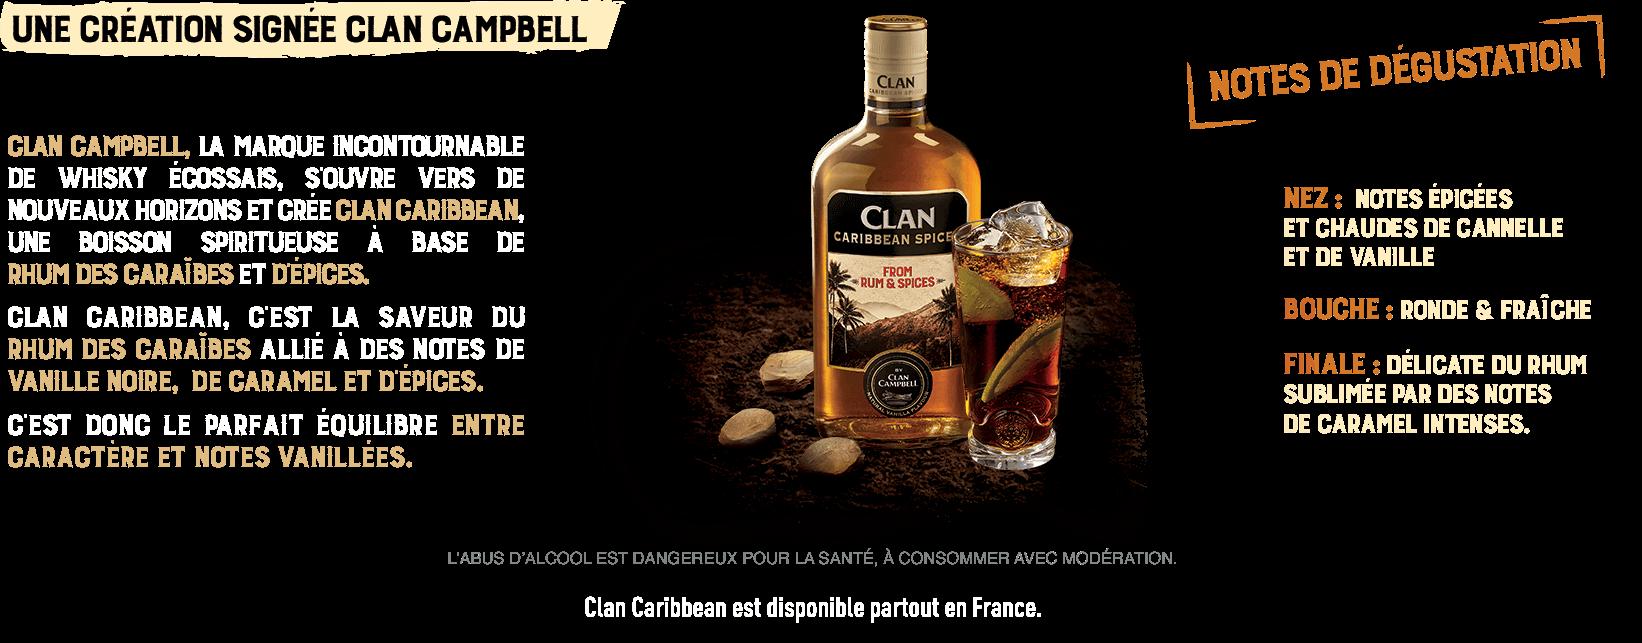 Une création signée Clan Campbell